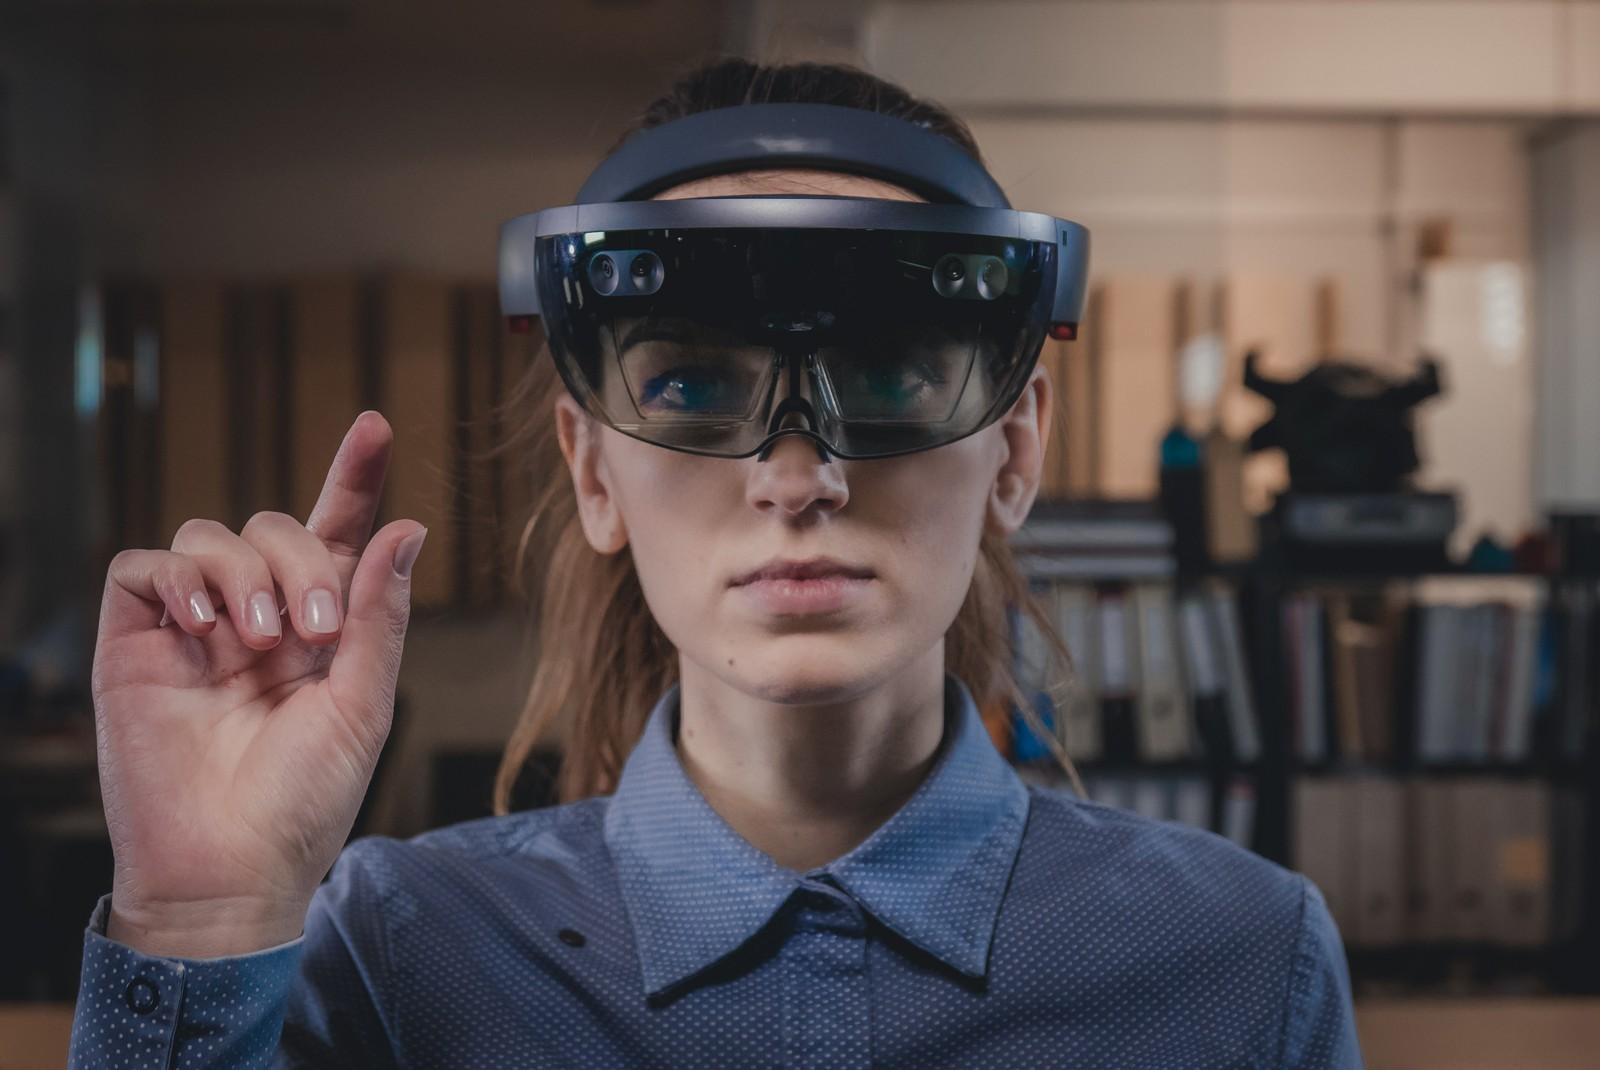 Die smarte Brille bettet digitale Infos in die Umgebung ein - auch sie wird im Projekt auf Baustellen eingesetzt.